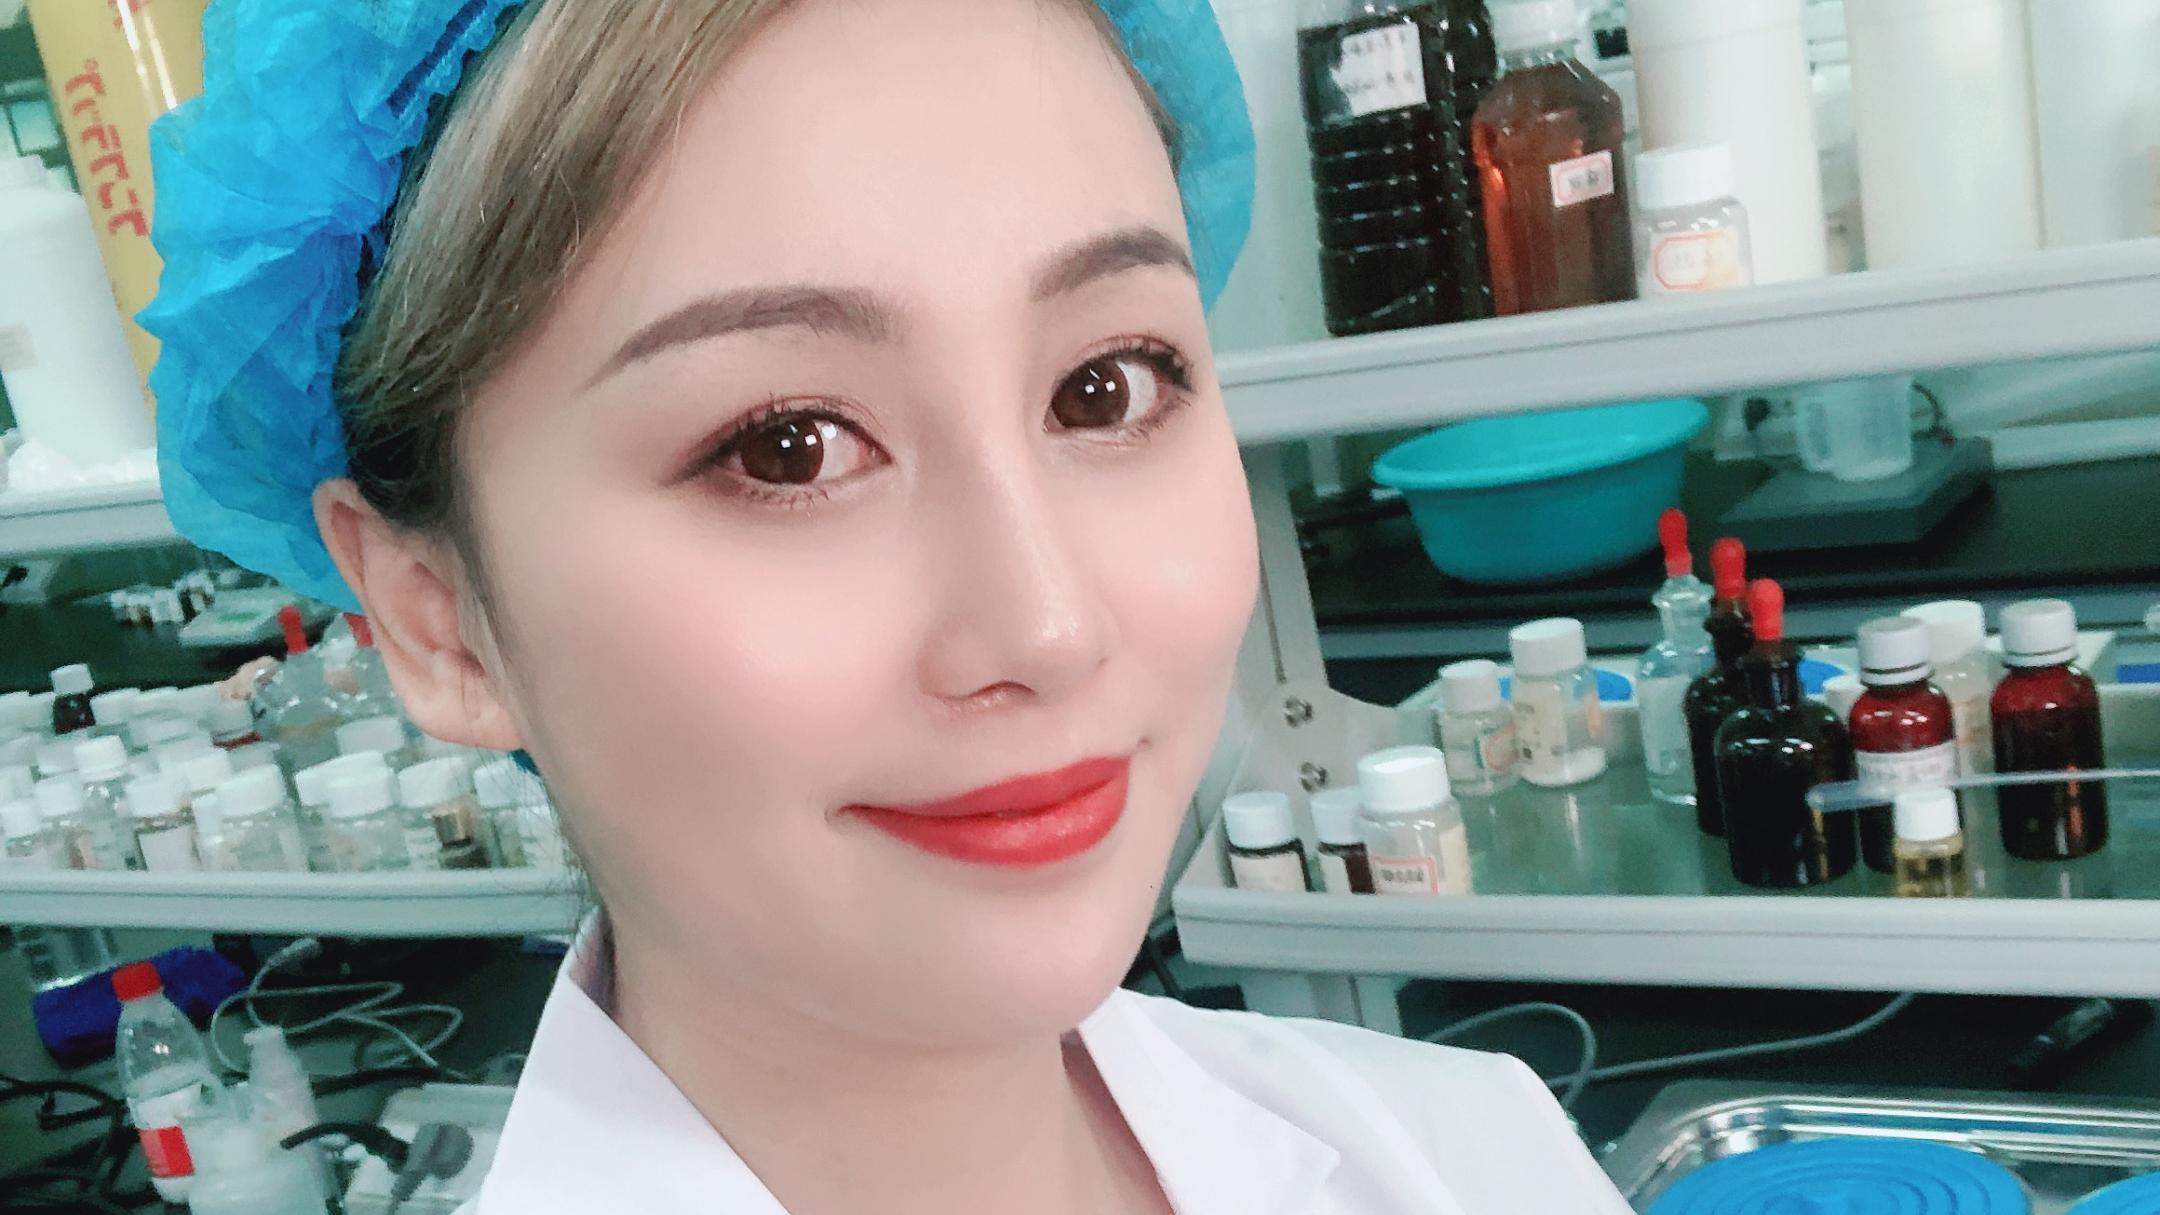 邓婕护肤团队:脸部角质层薄起小疙瘩是因为什么?该怎么办?